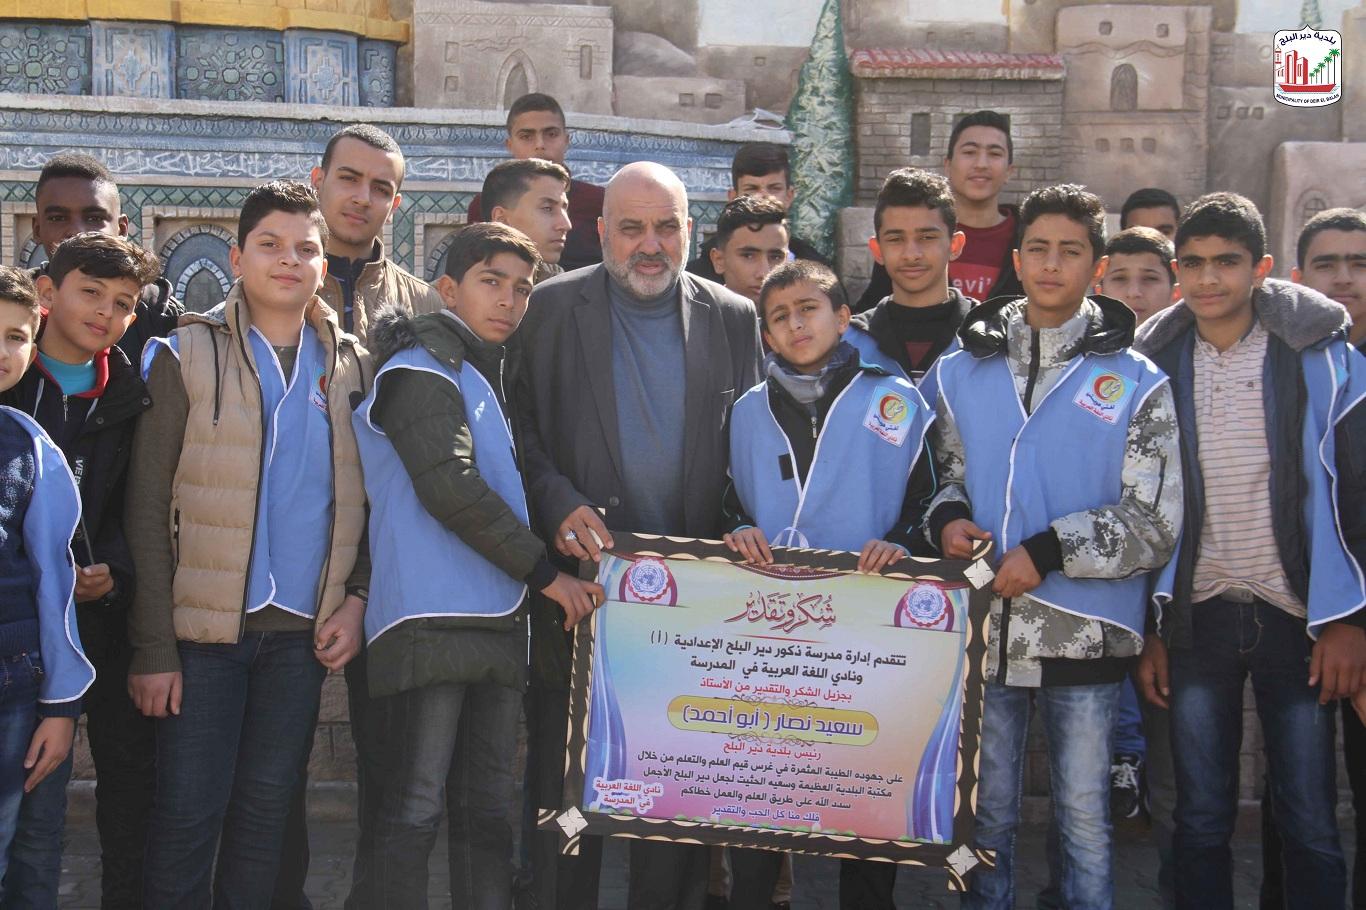 طلاب نادي اللغة العربية بمدرسة ذكور دير البلح الإعدادية